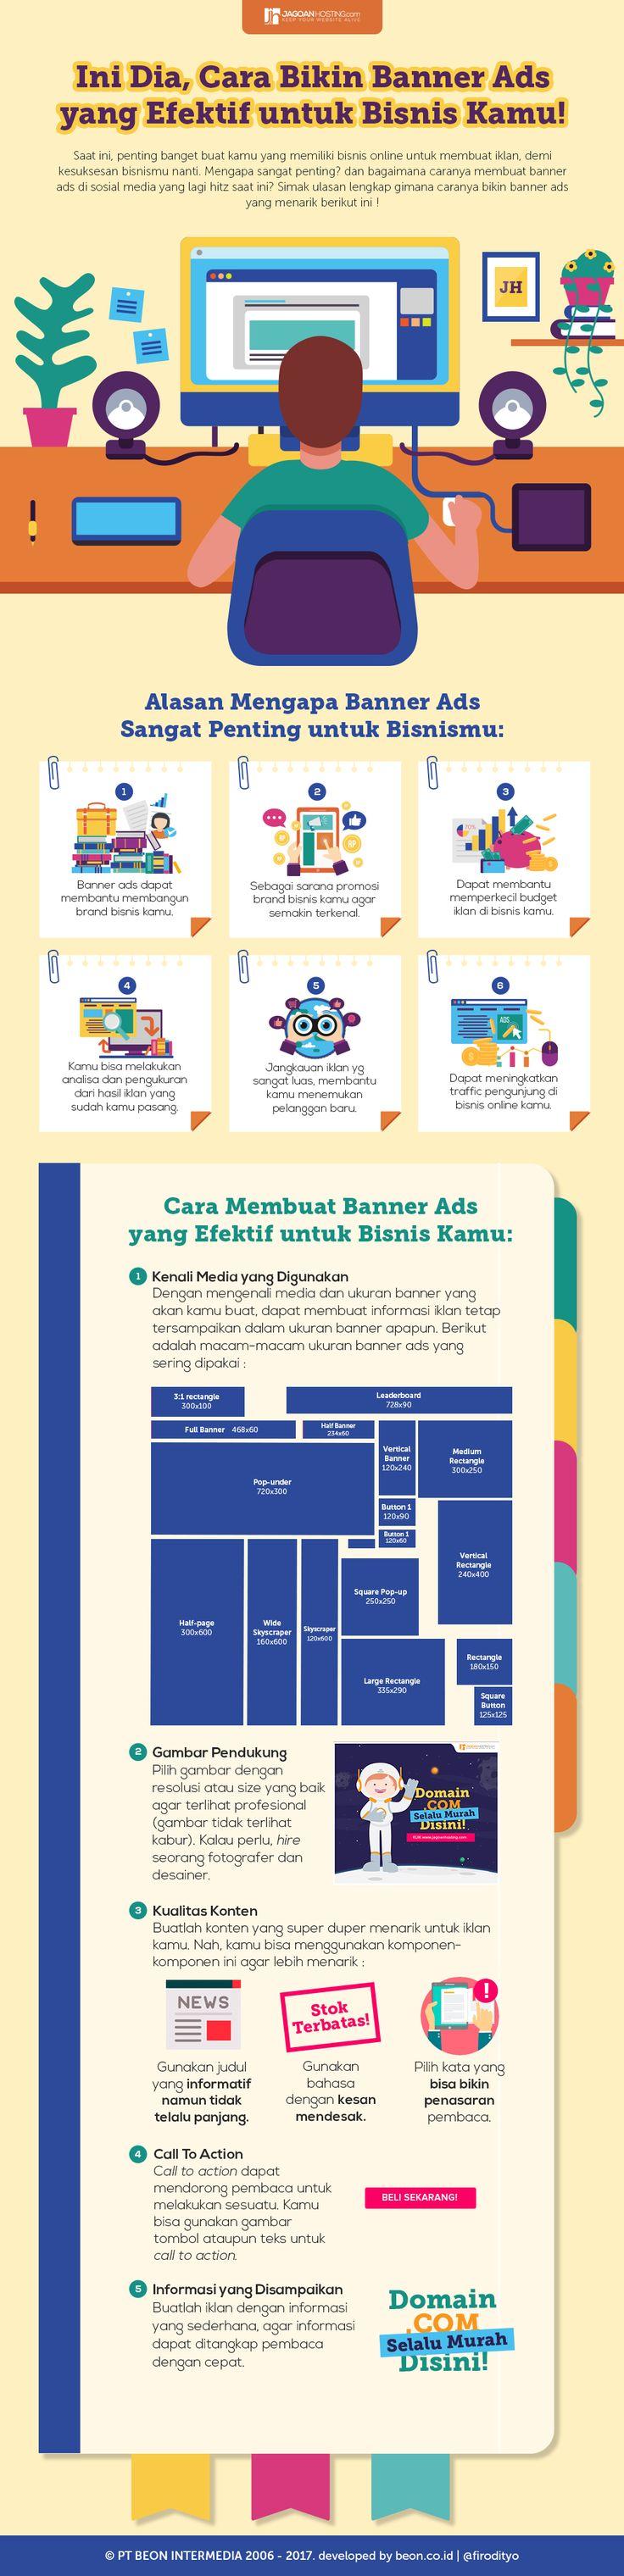 Anda pasti tahu kenapa banyak banner ads untuk iklan bisnis di sosial media mereka? Tentu saja untuk menjangkau dan mendapatkan pelanggan yang lebih banyak lagi.Mempromosikan bisnis di media sosial bukanlah hal yang sepele. Banyak kebutuhan yang harus dipenuhi. Mulai dari halaman khusus untuk...